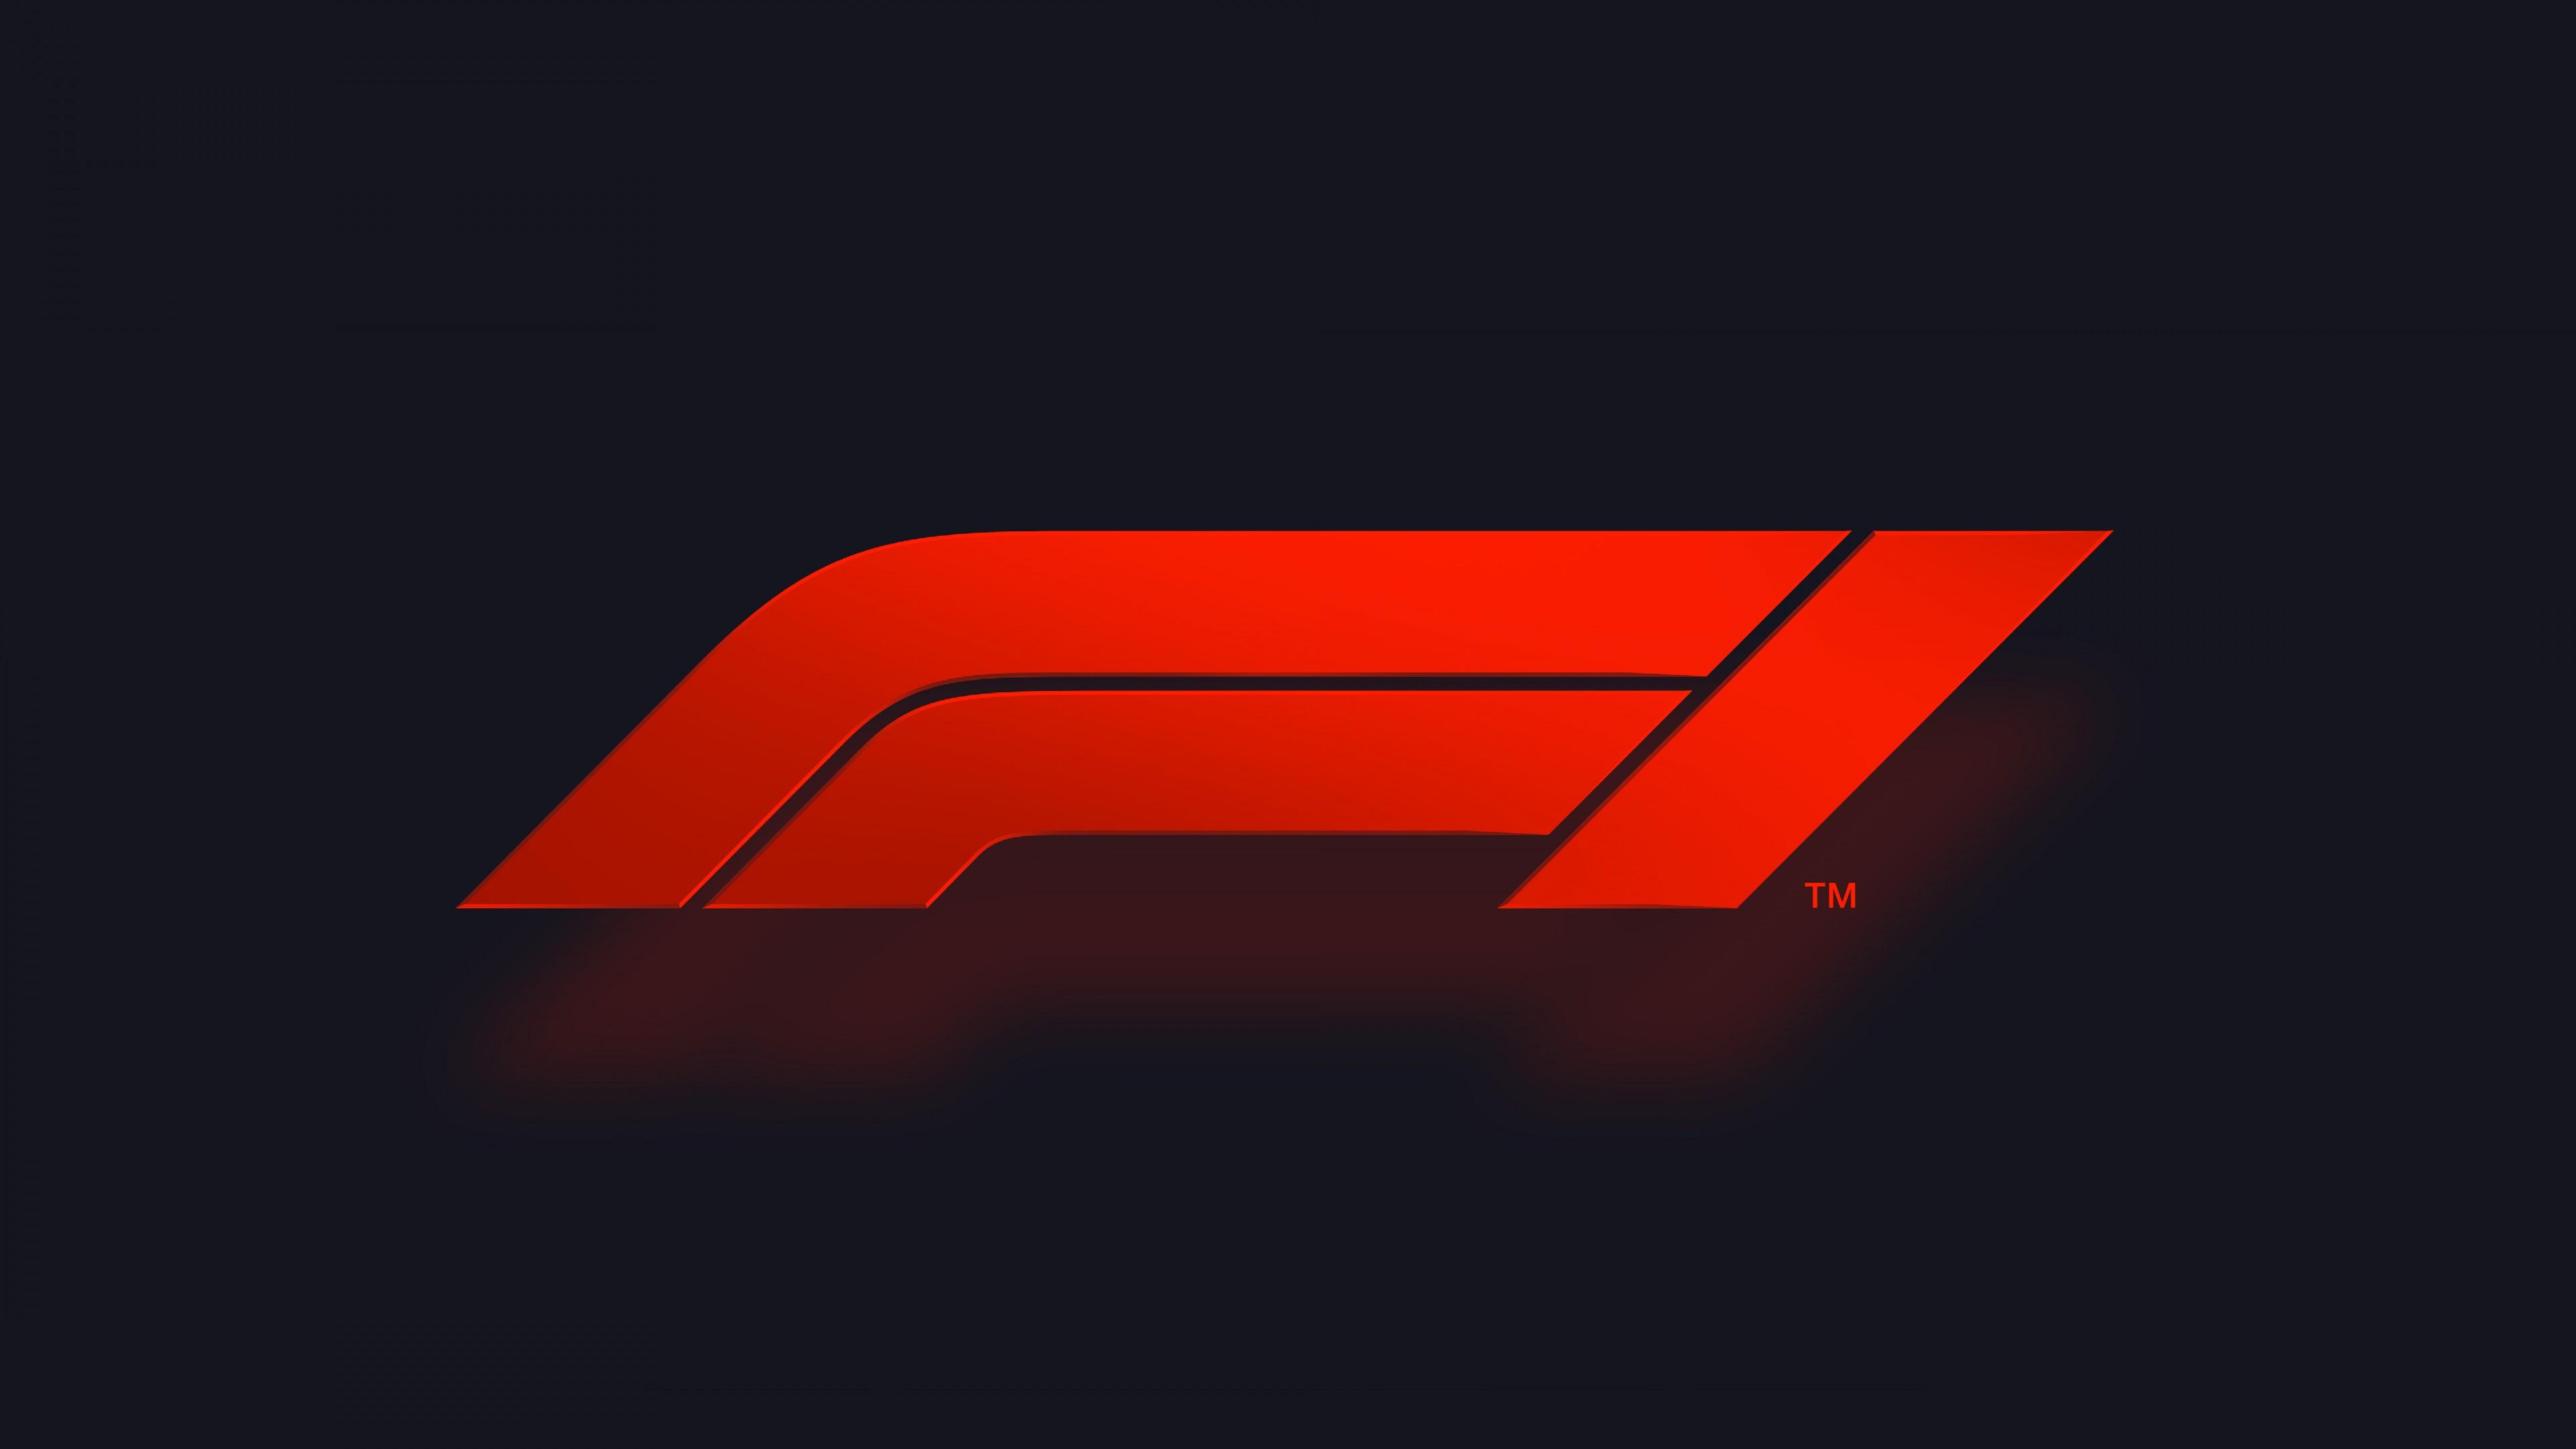 Красные полосы на черном фоне-логотип Формулы-1